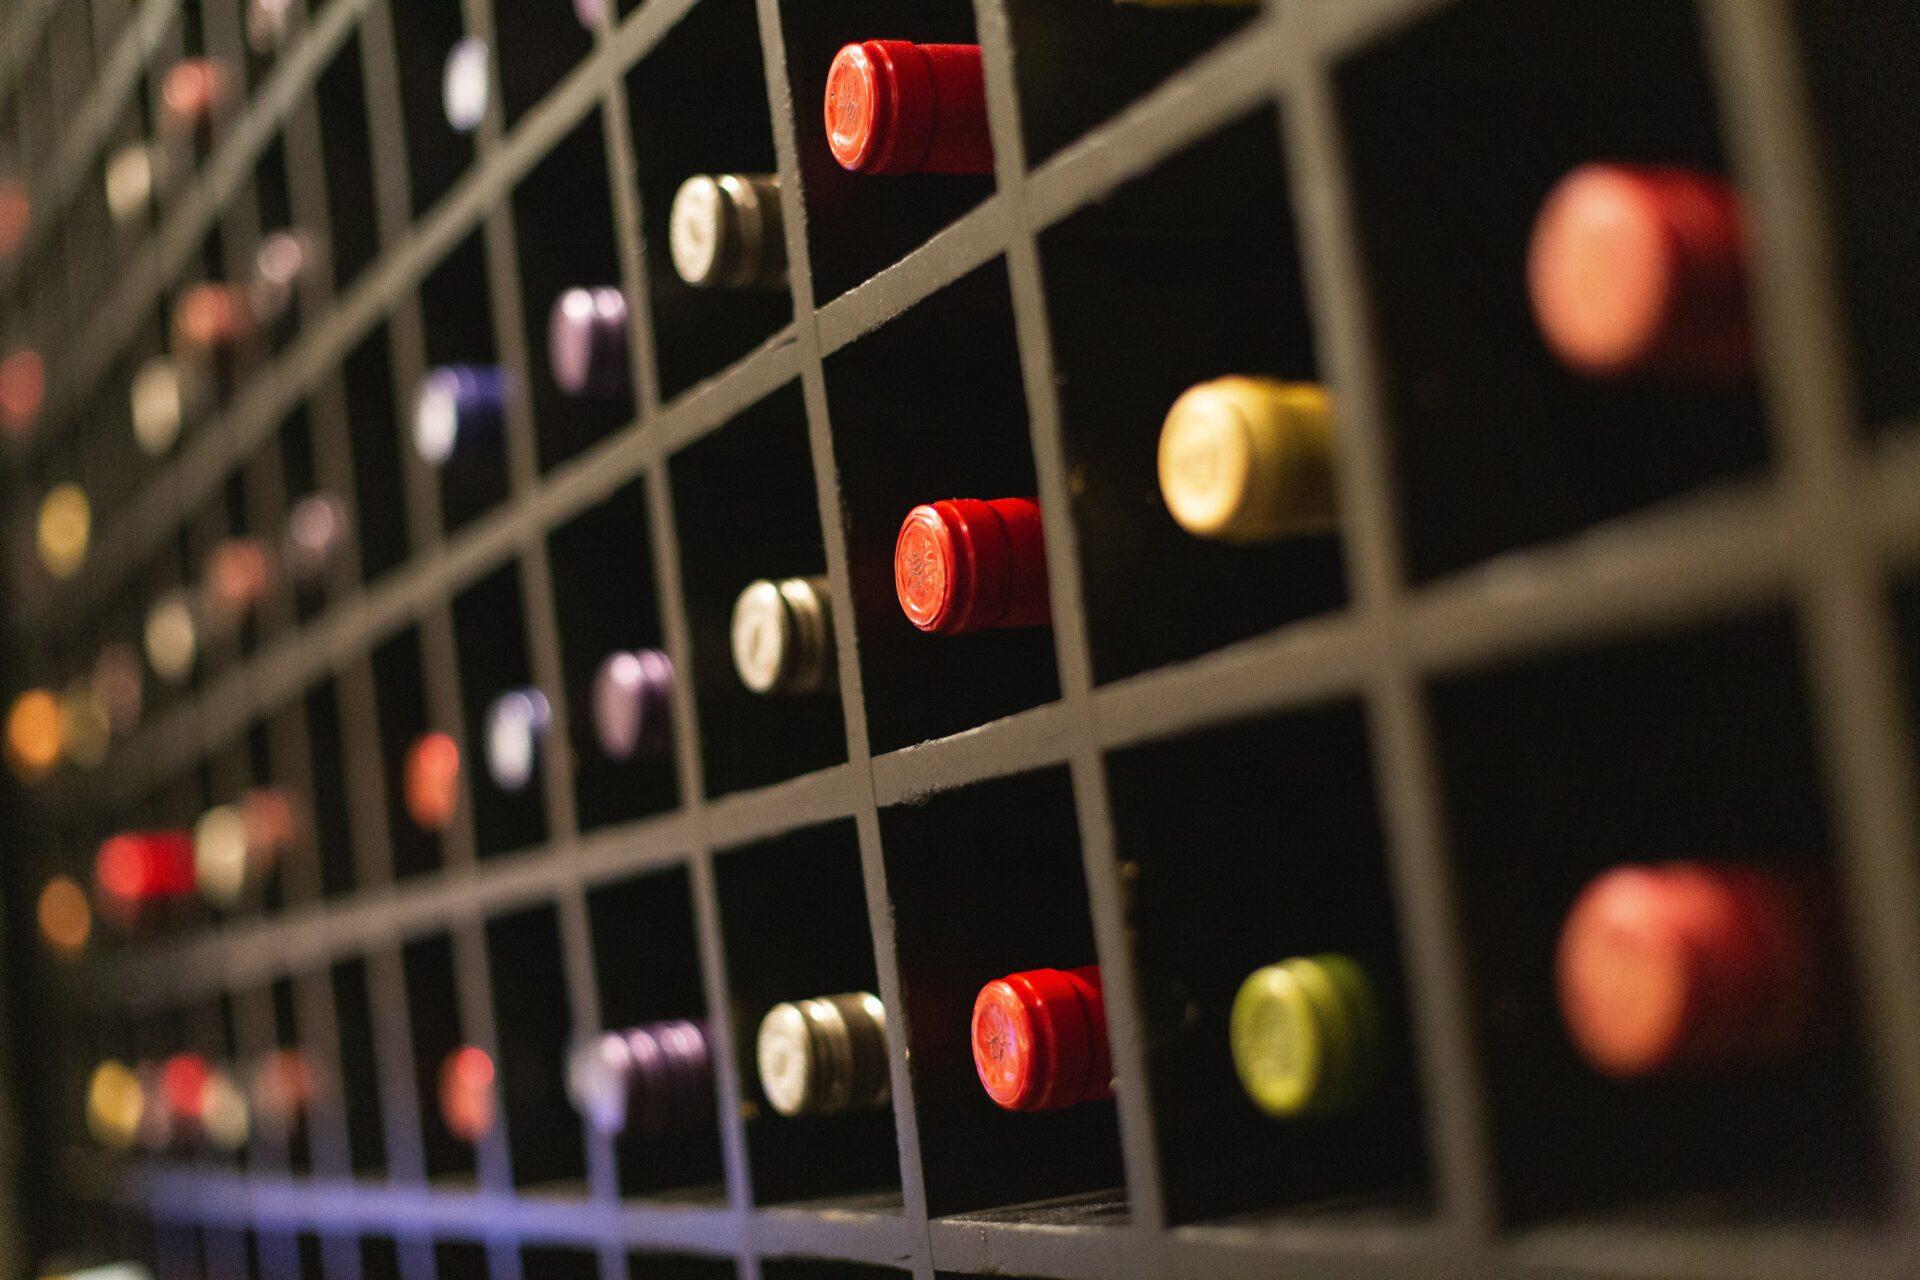 Produzione di vino in Italia dal 2013 al 2019, per marchio di qualità